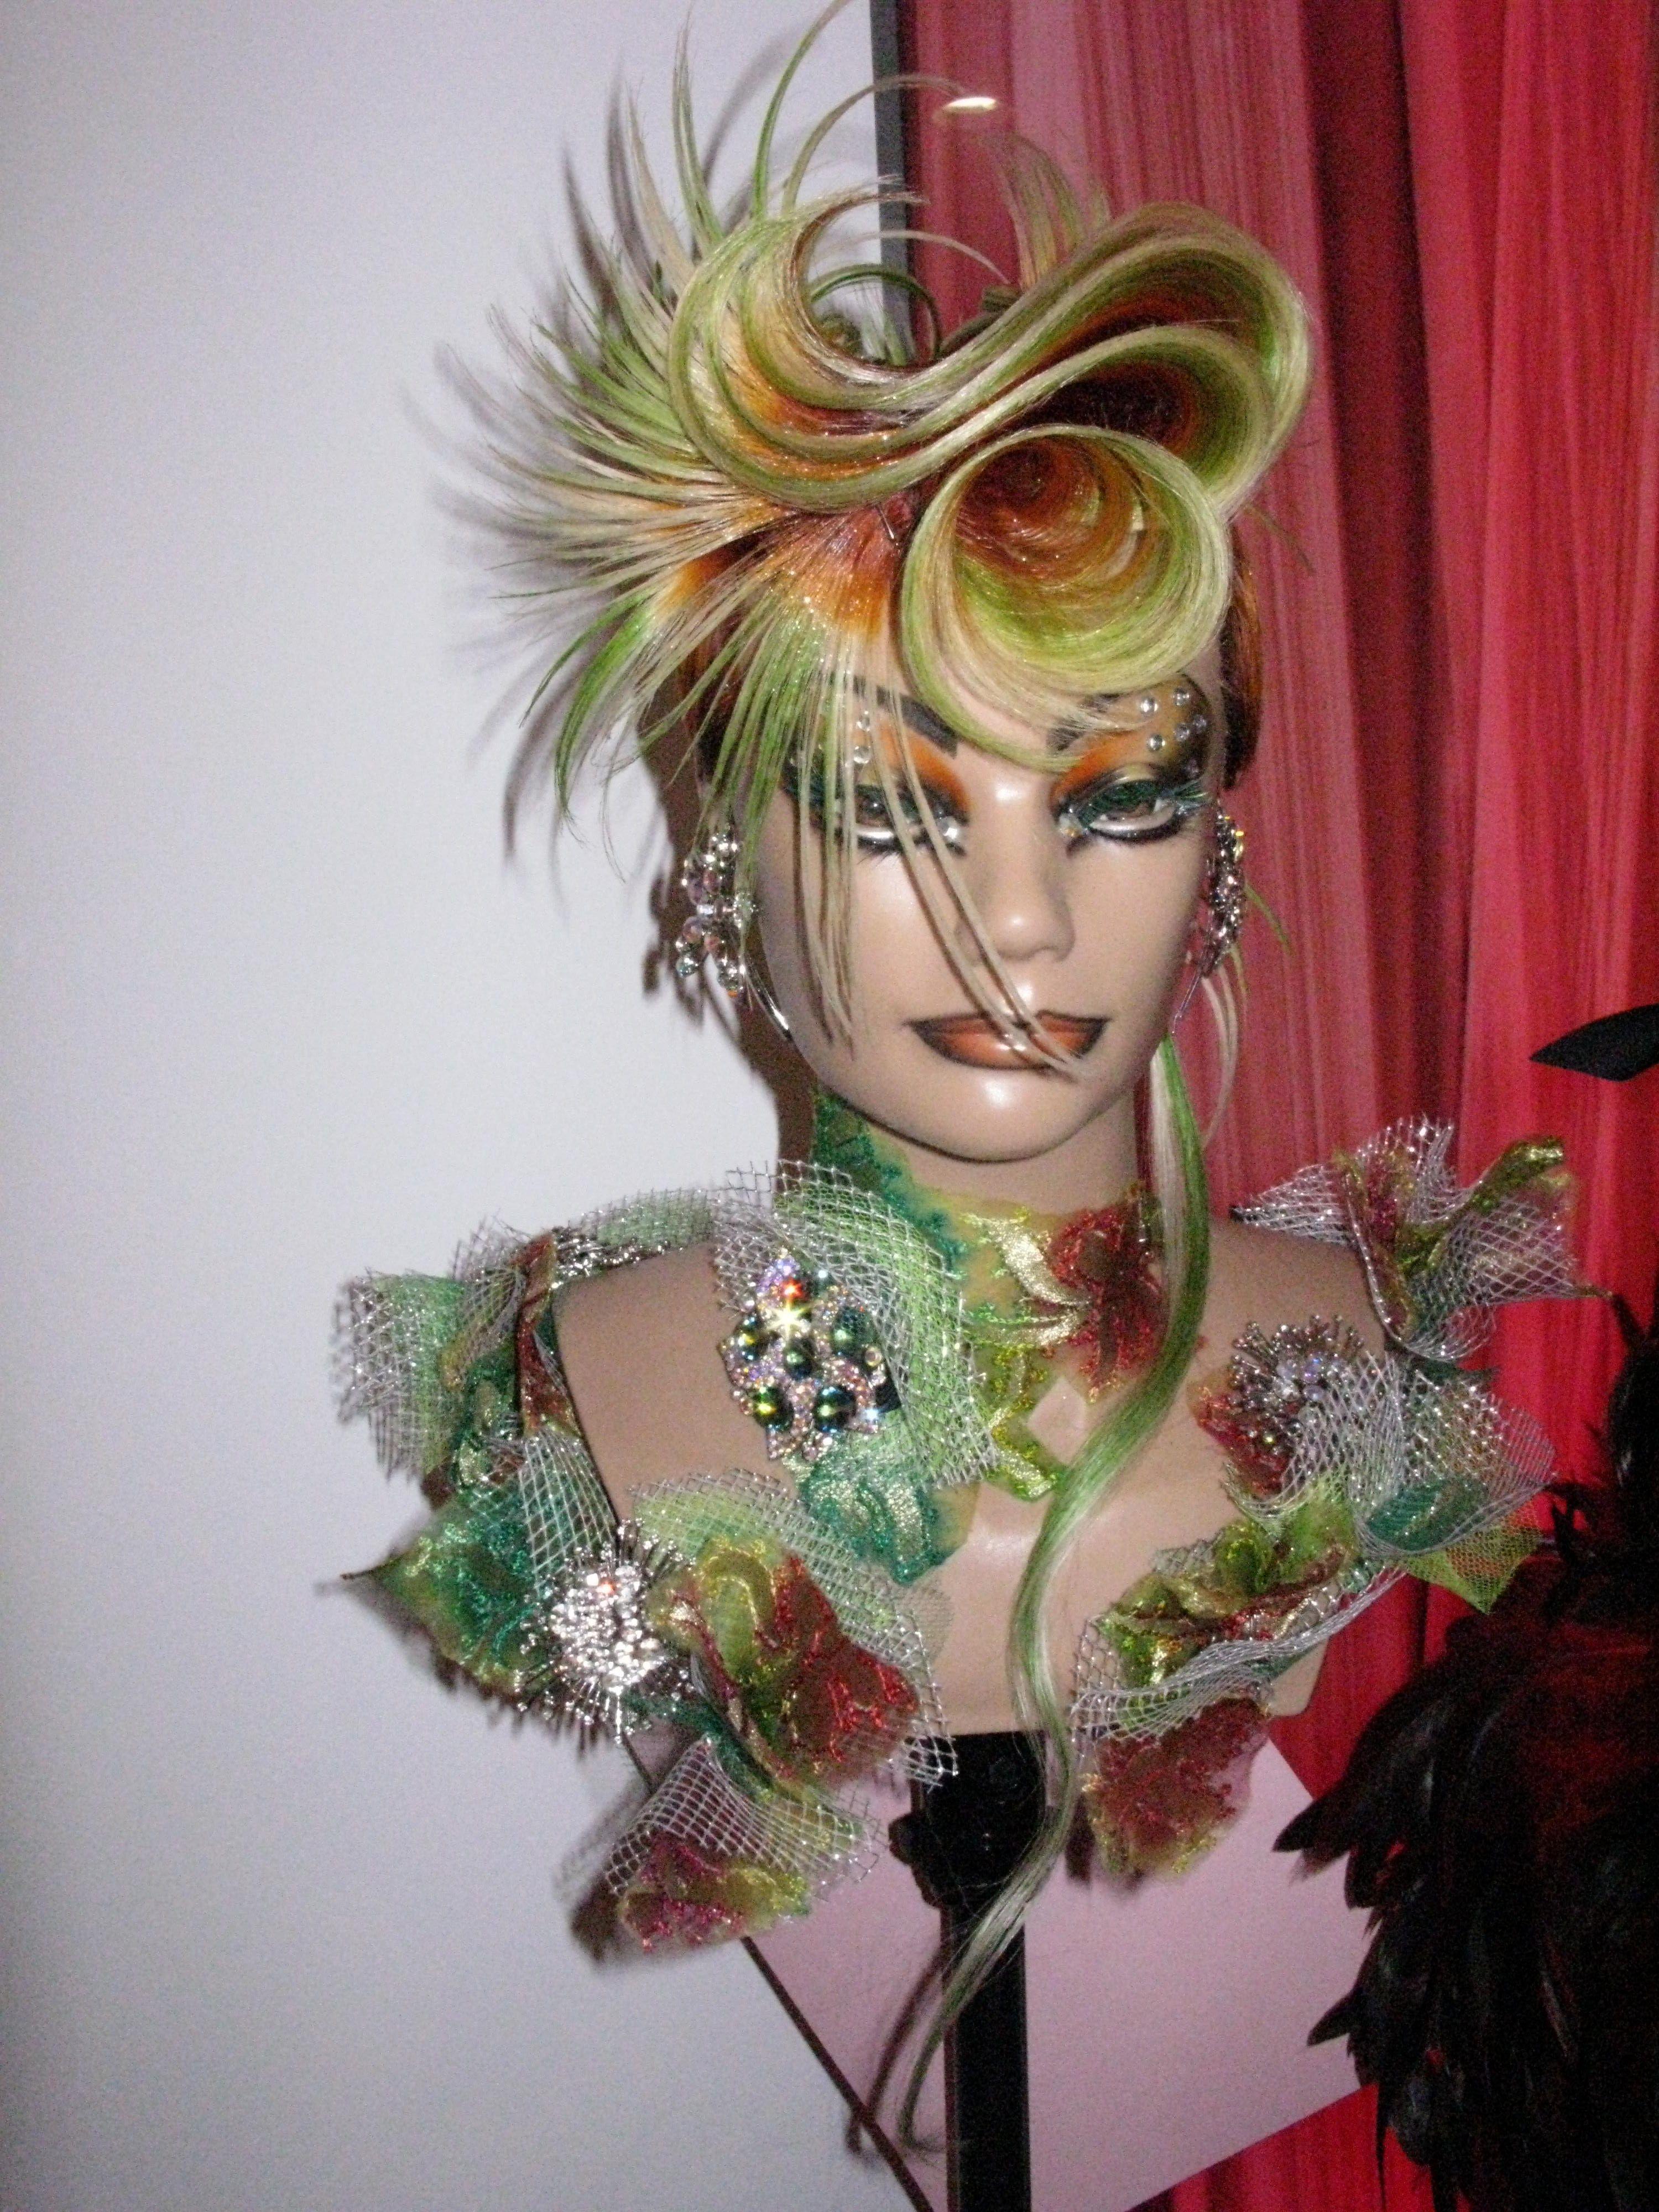 Mannequin Hair Omc Training Day Darmstadt Gala Greislur